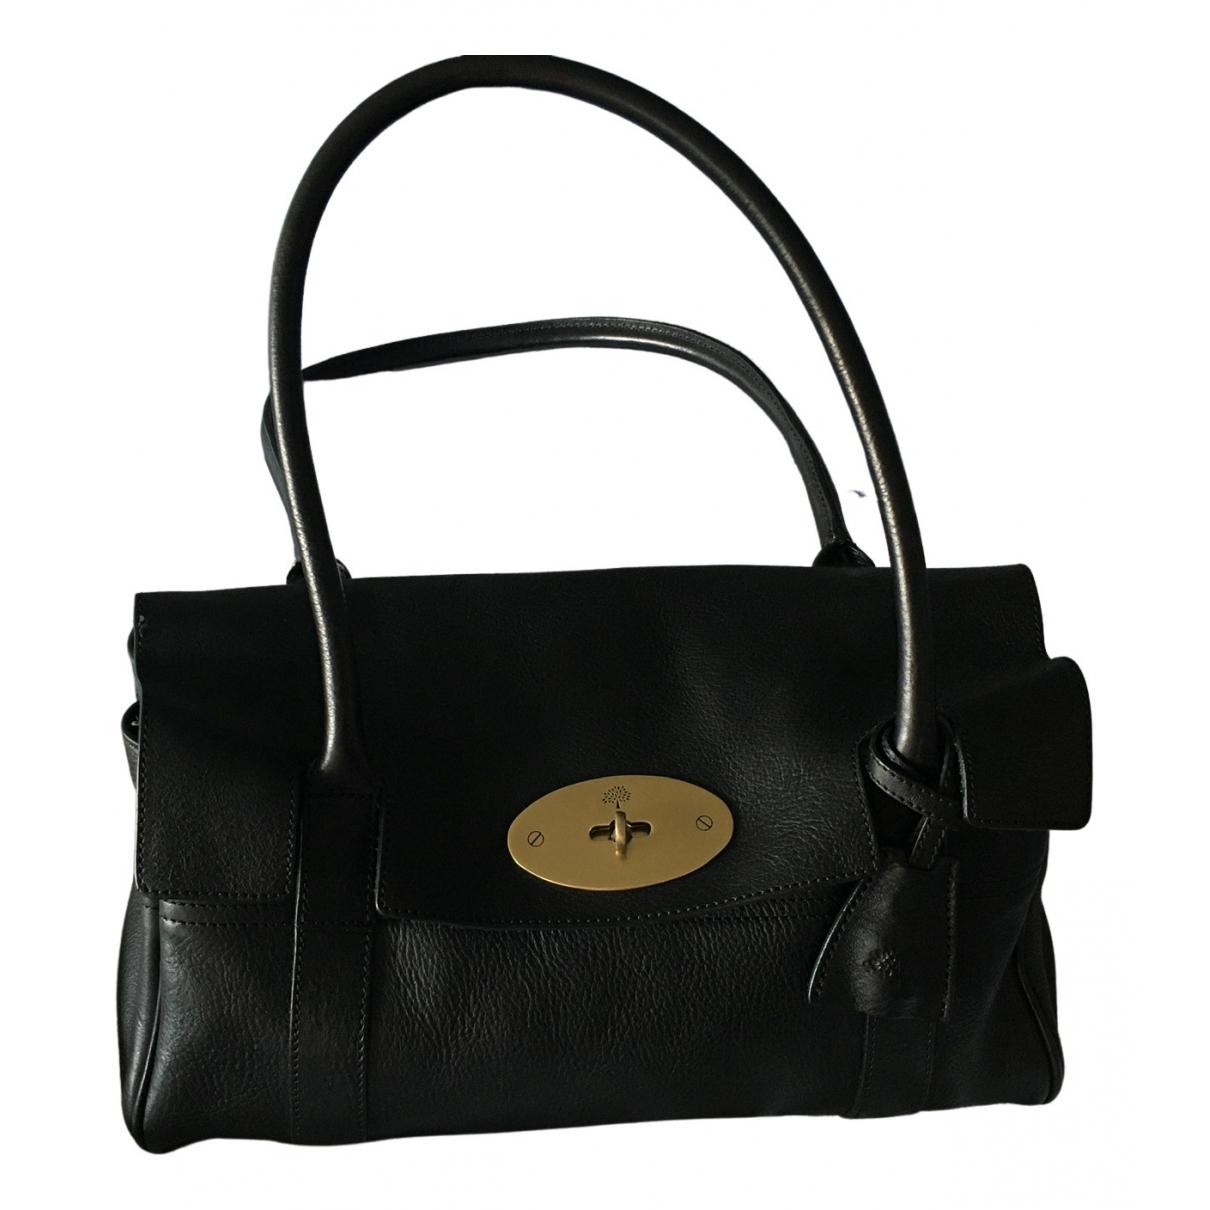 Mulberry Bayswater Small Handtasche in  Schwarz Leder